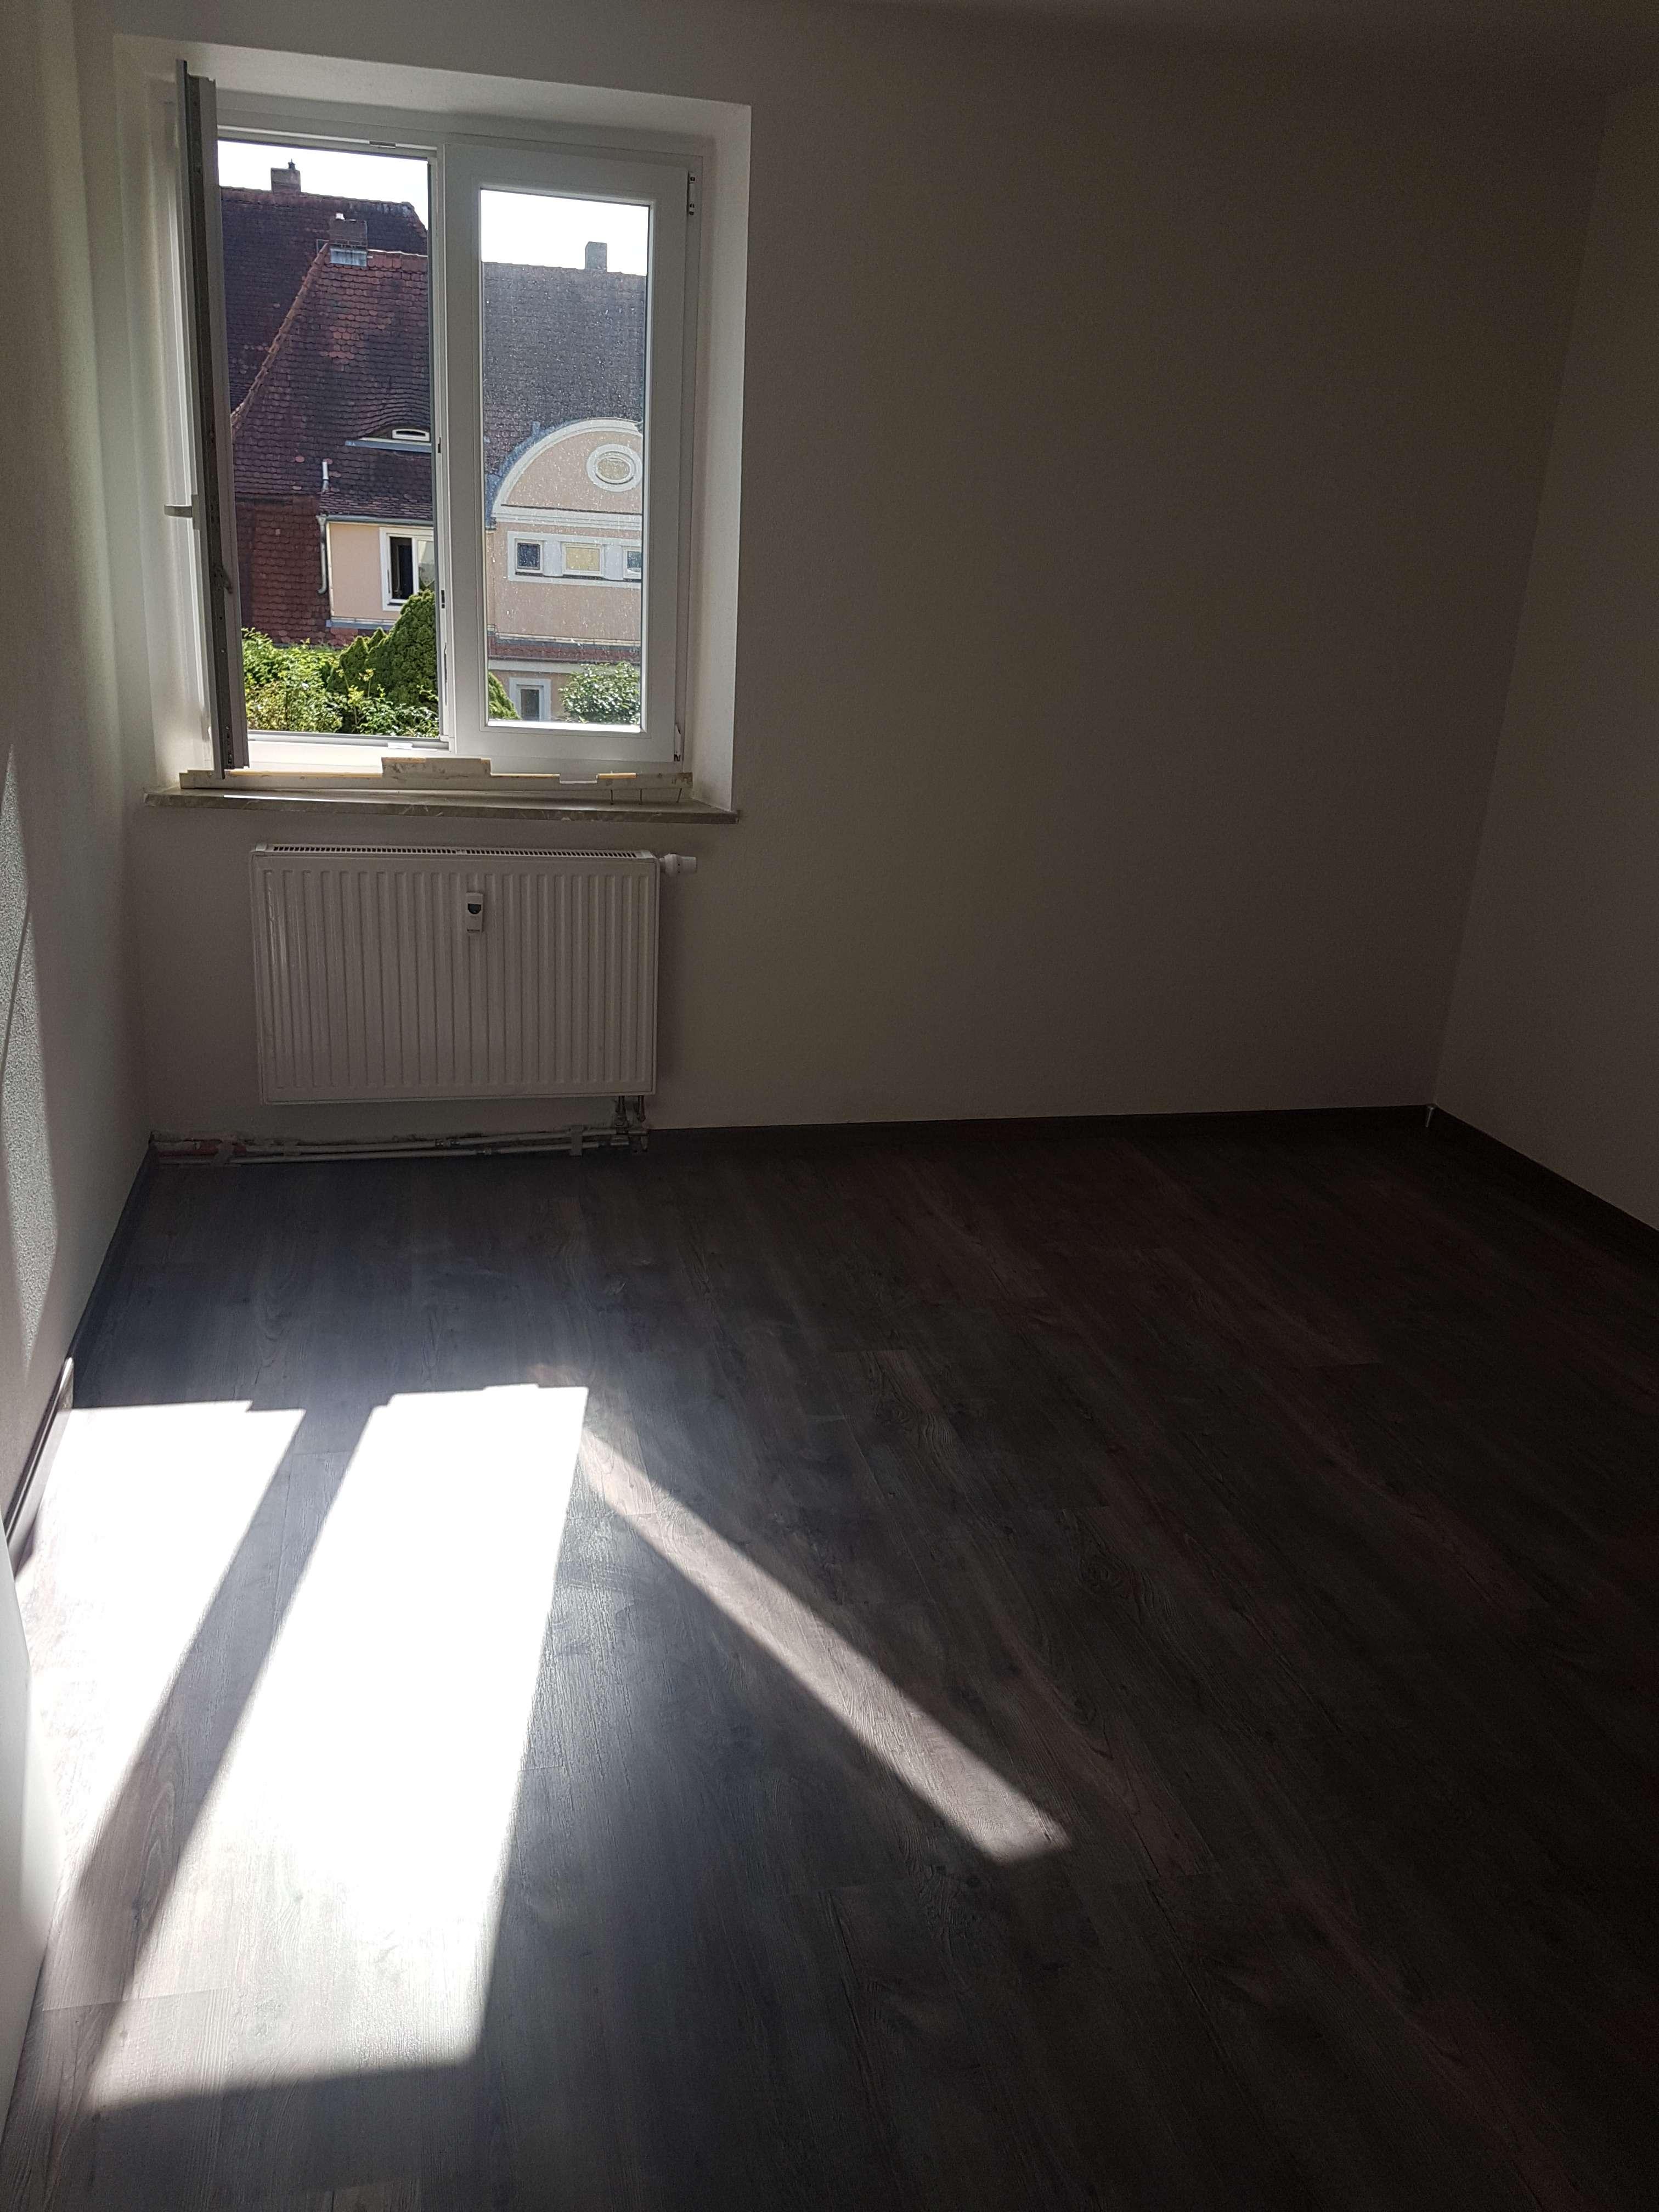 Neu sanierte 3-Raum Wohnung in Zentrumsnähe, WG-geeignet, ab 01.10.19 in Hammerstatt/St. Georgen/Burg (Bayreuth)